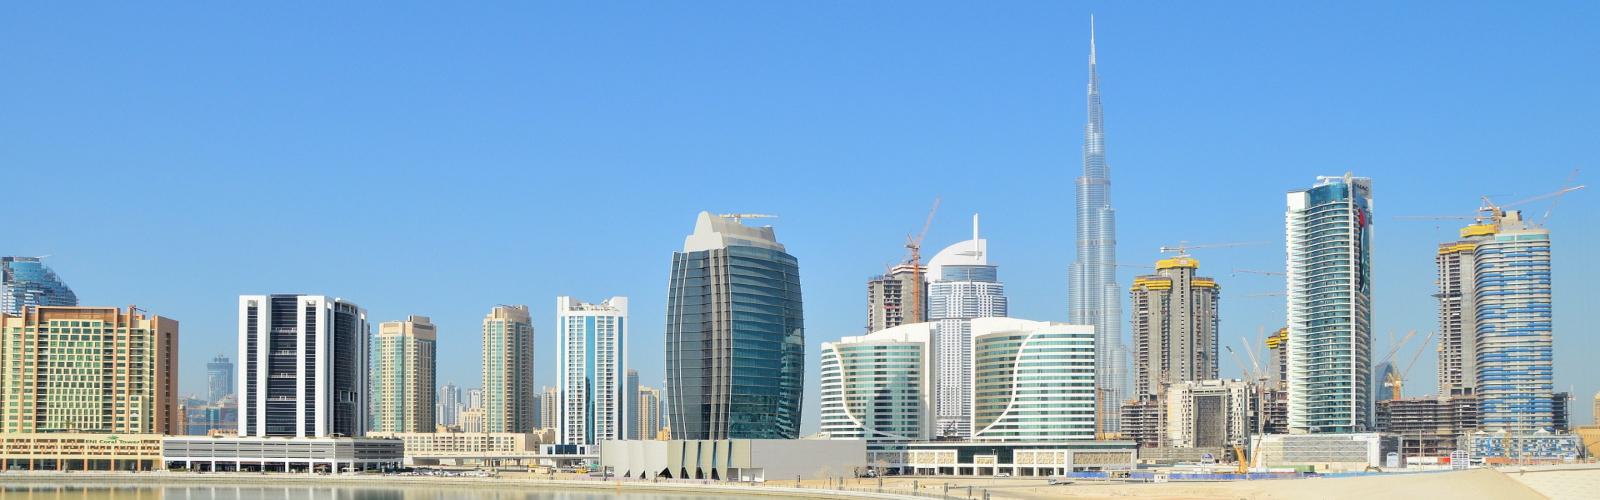 10 cose da non perdere a Dubai